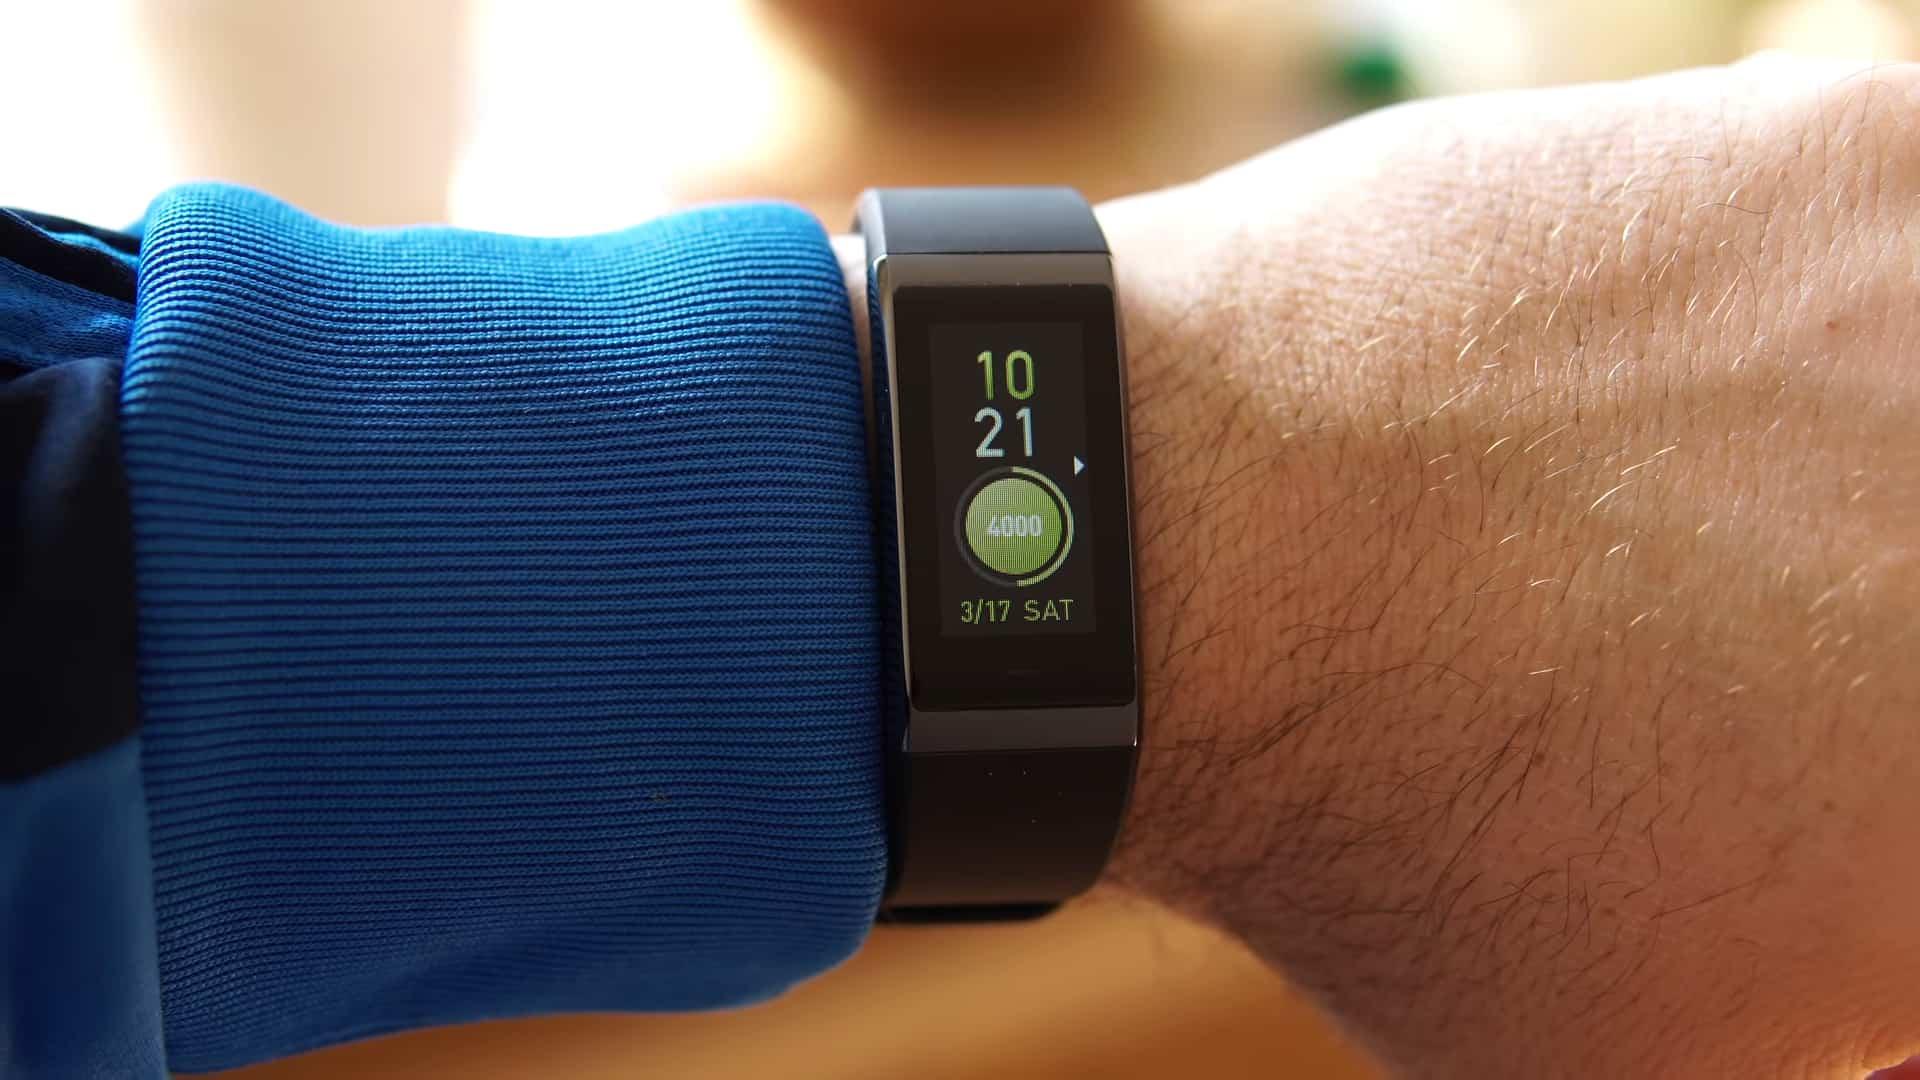 Фитнес-браслет на руке